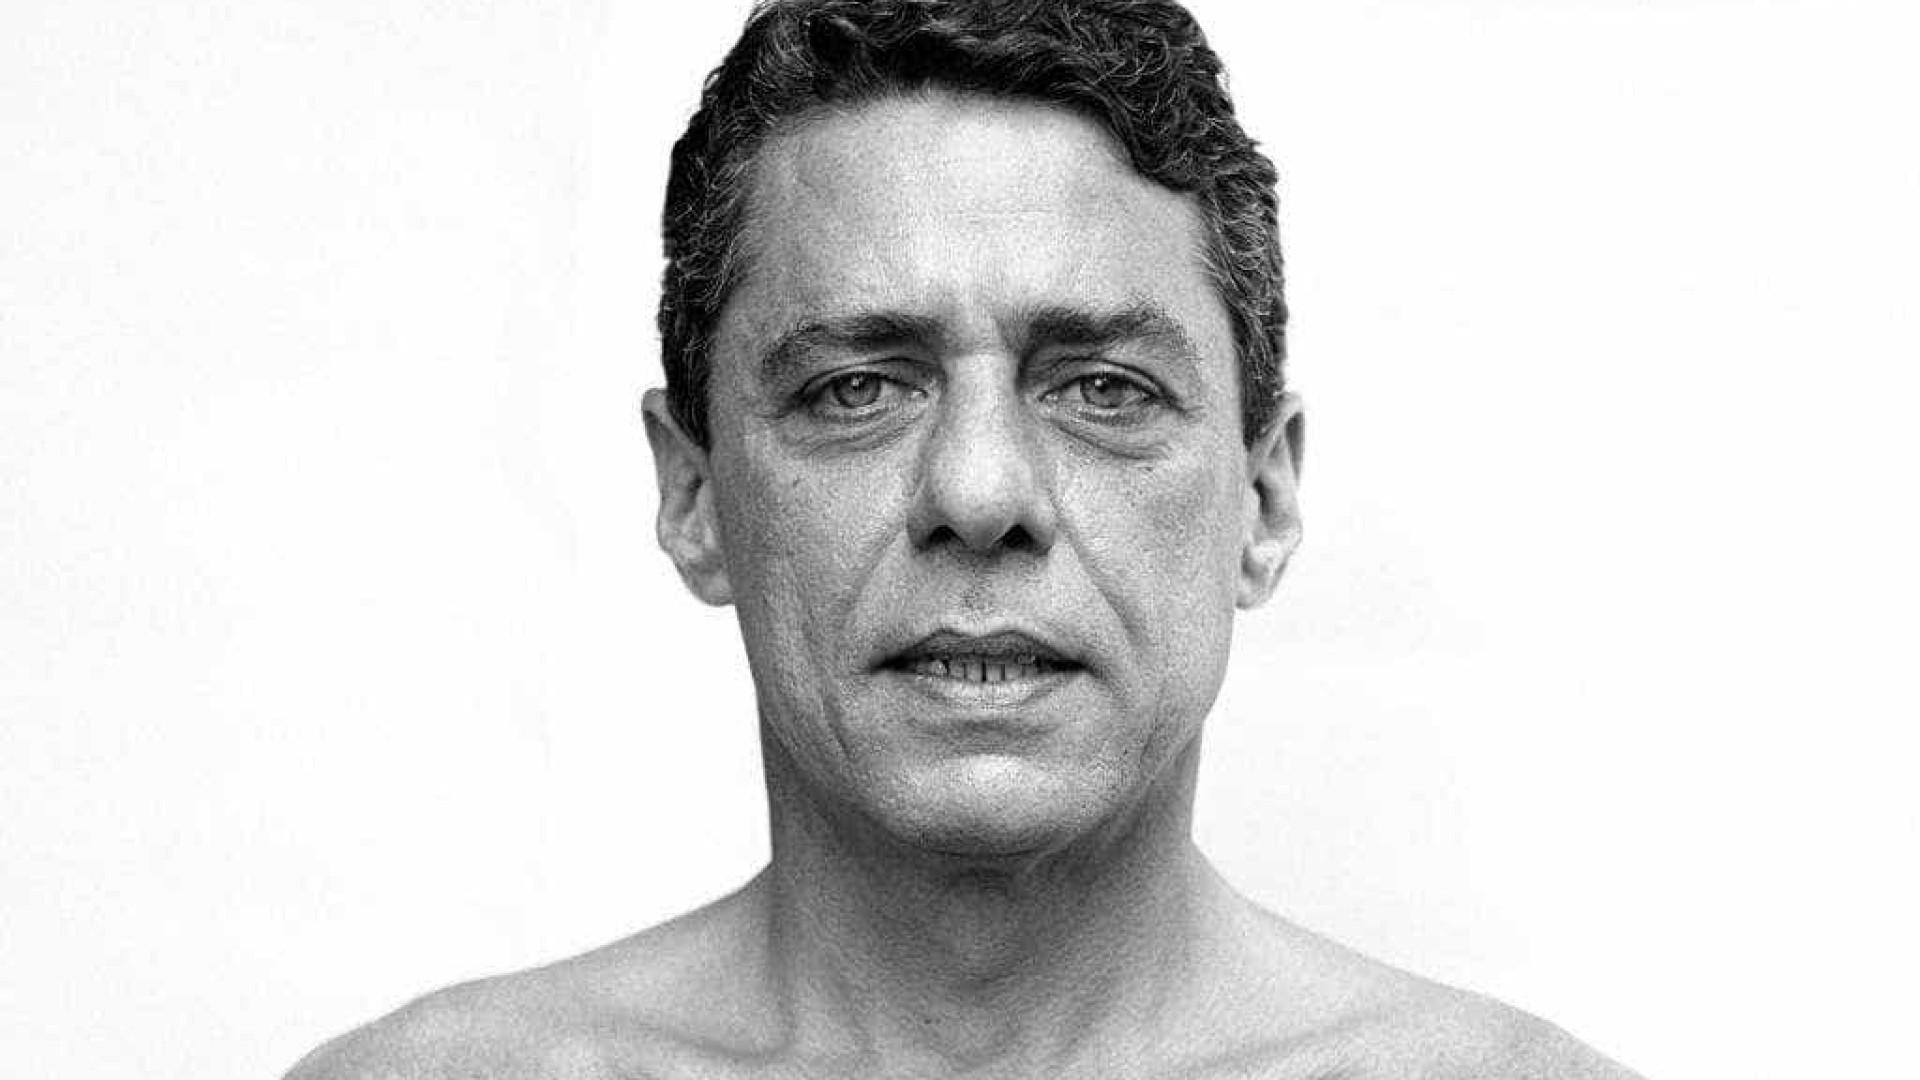 De Chico Buarque a Zé Dirceu, geração 1968 se une contra o presidente